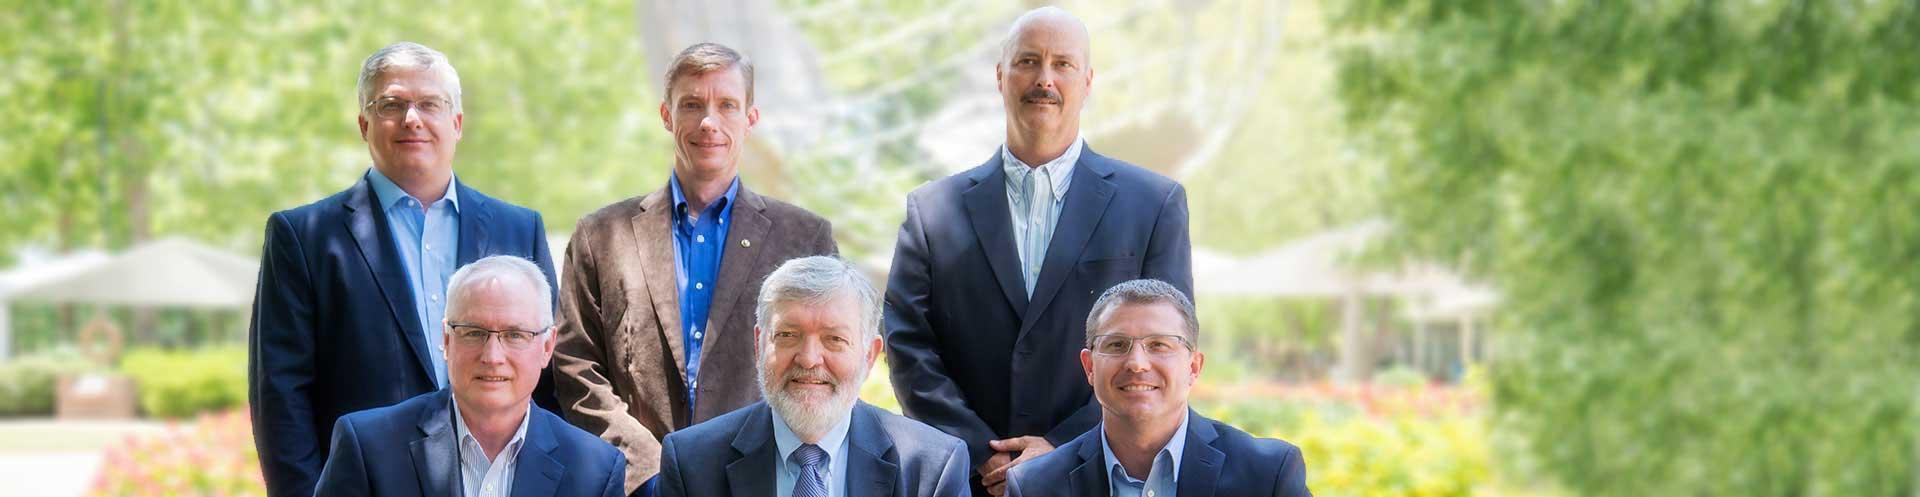 GeoSurvey Endowed Scholarship established